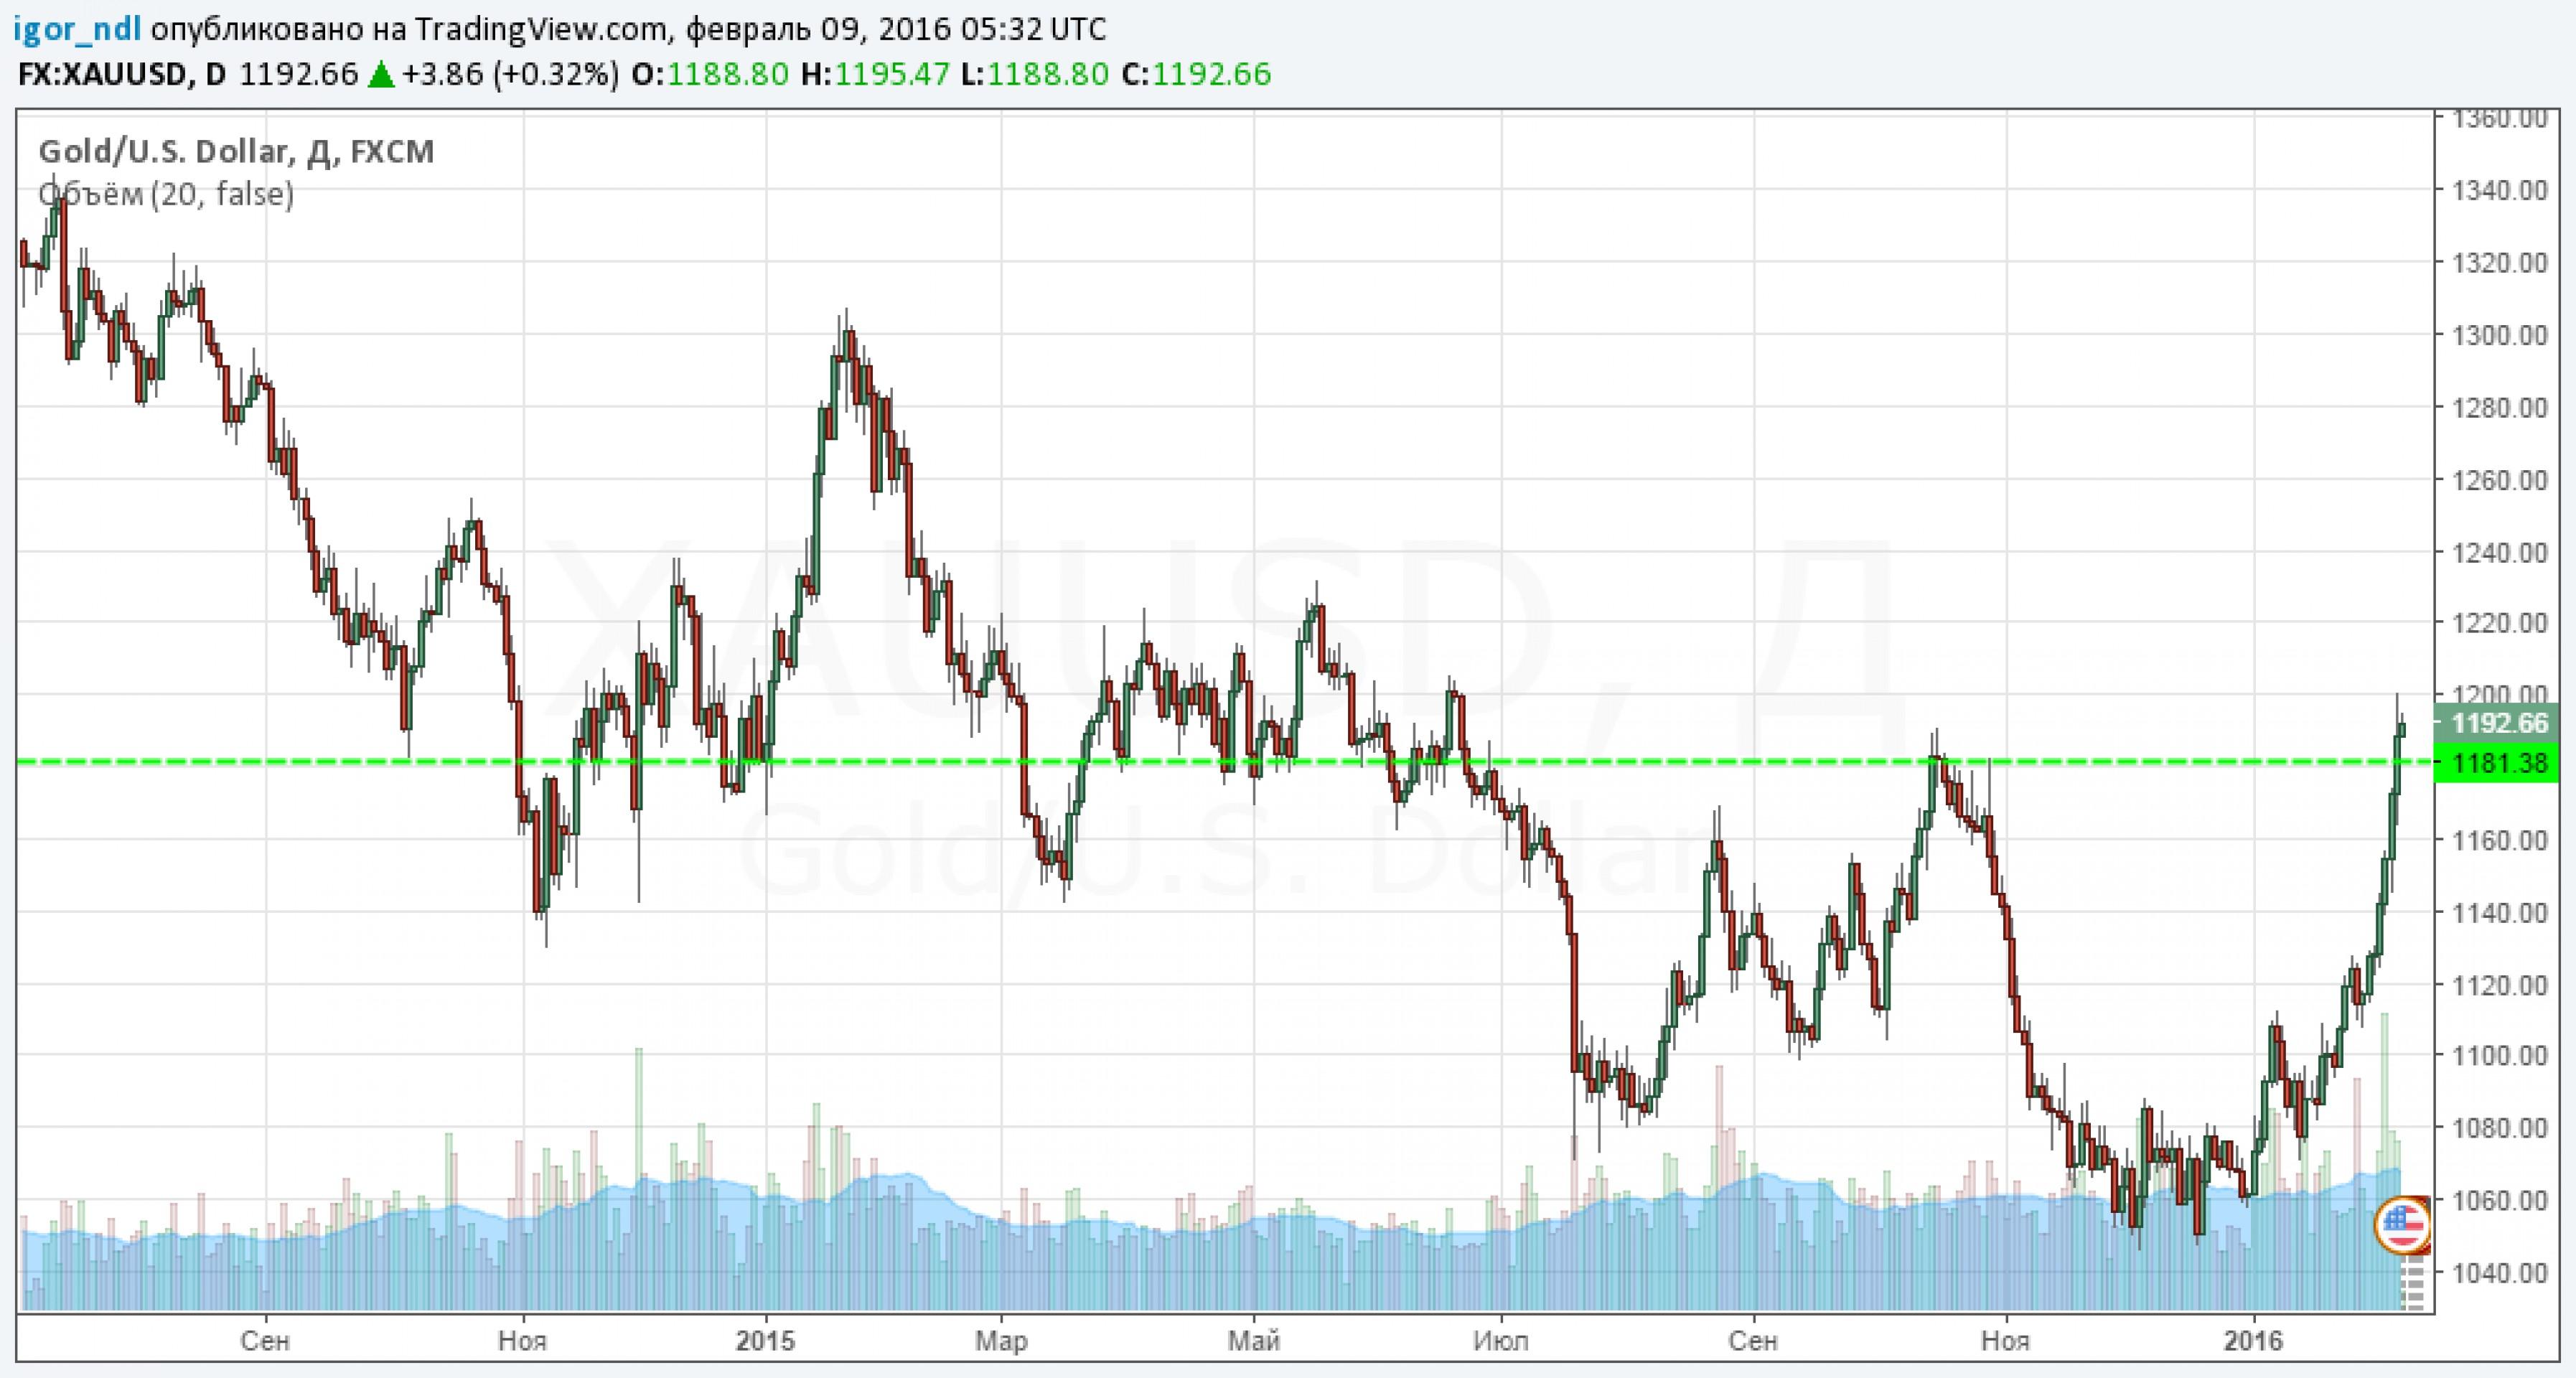 Золото снова обретает инвестиционный блеск